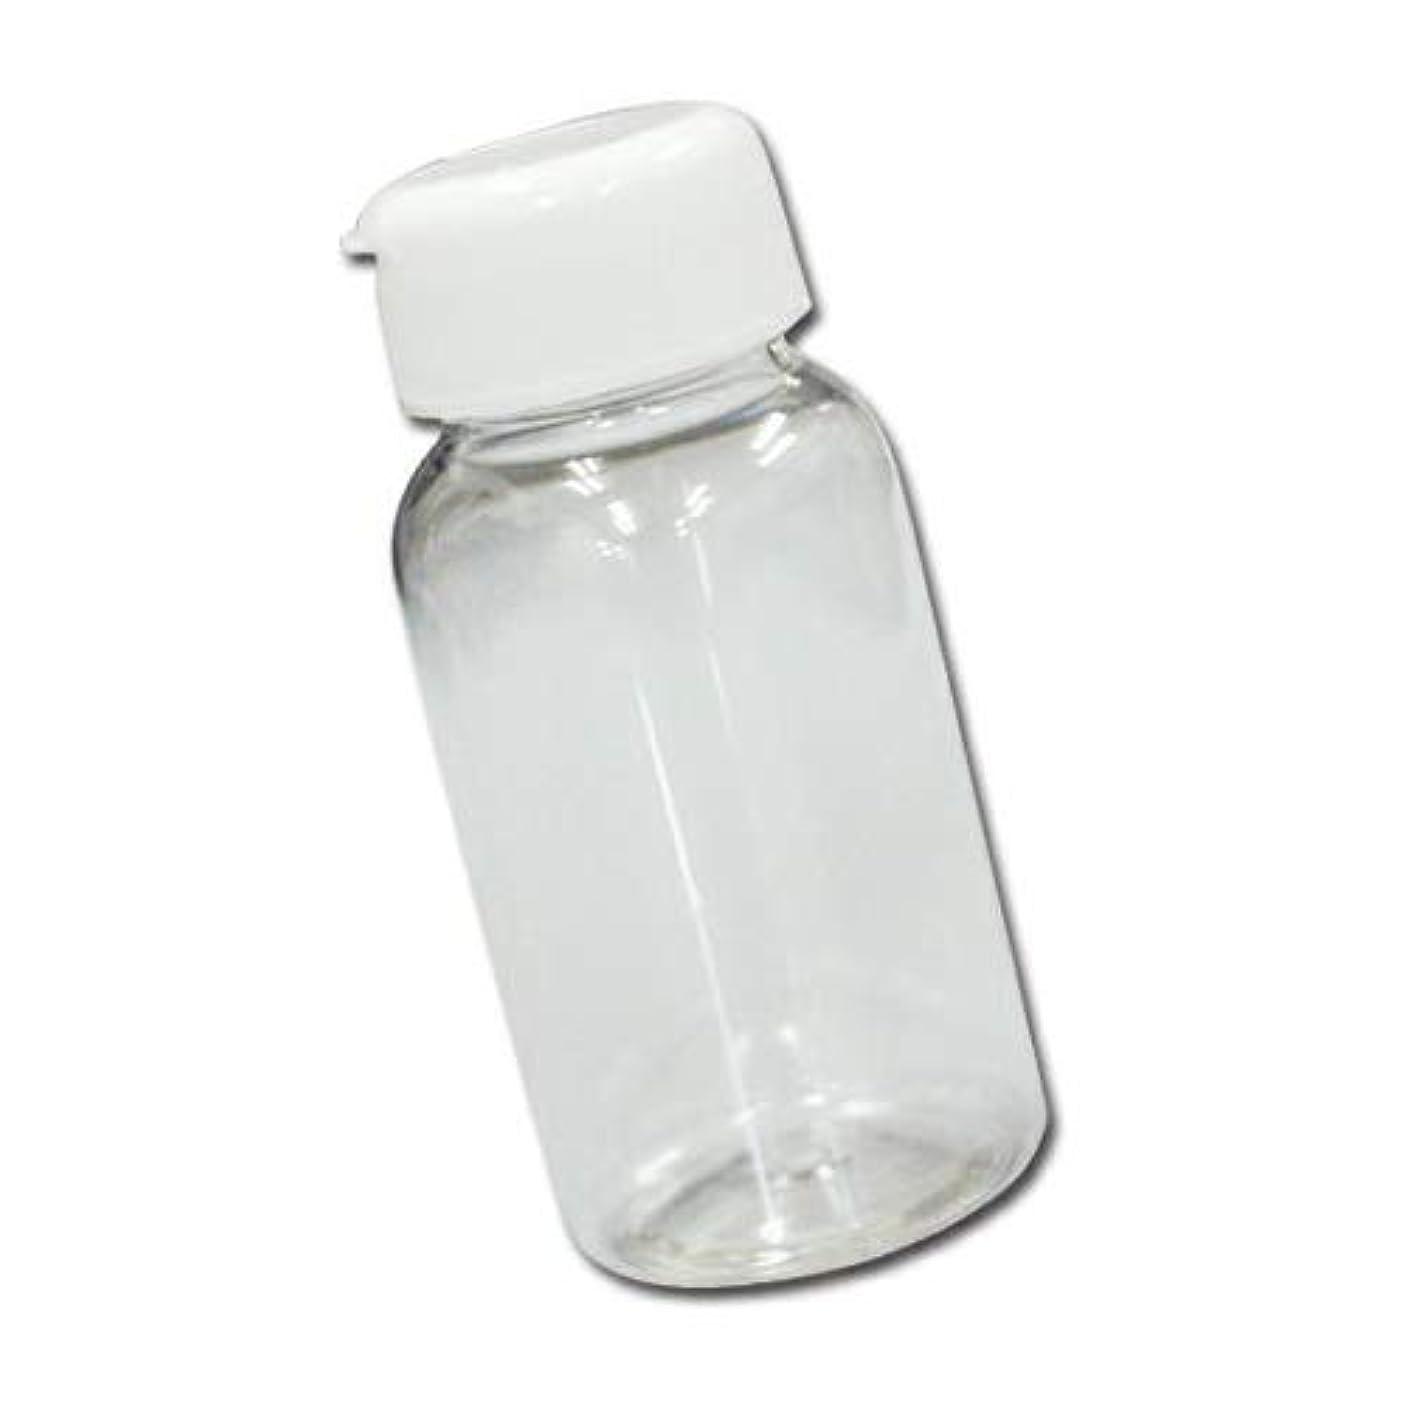 変更可能芝生行うパウダー用詰め替え容器200mlボトル│業務用マッサージパウダーや調味料の小分けに最適な穴あき詰め替えボトル